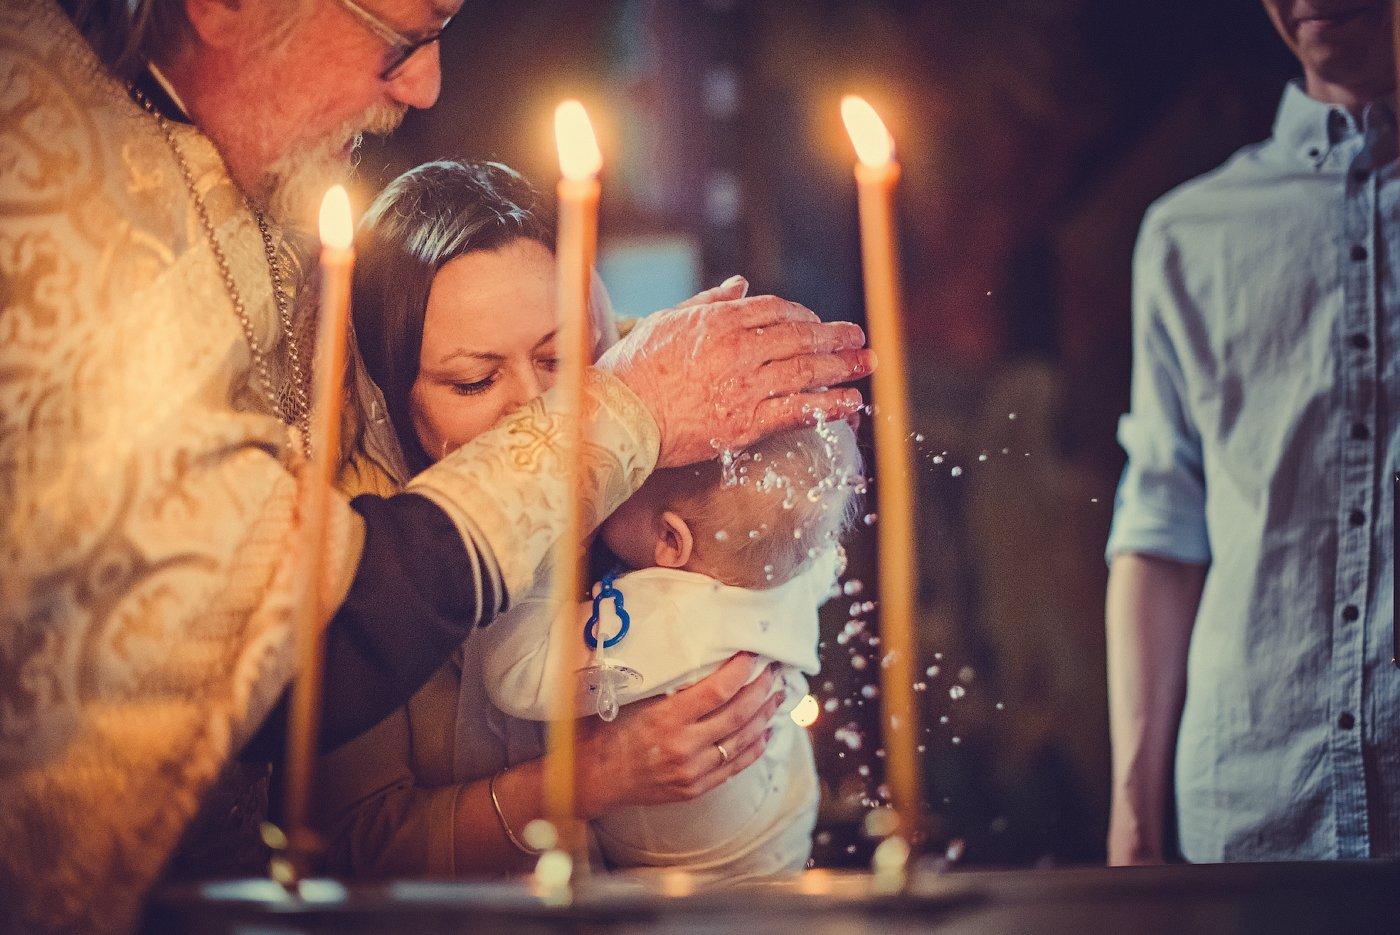 крещение, фотограф на крещение спб, таинство крещения, фотограф спб, таинство, дети, ребенок, малыш, девочка, таинство крещения, крещение ребенка, церковь, храм, крестины, Юлия Полуэктова